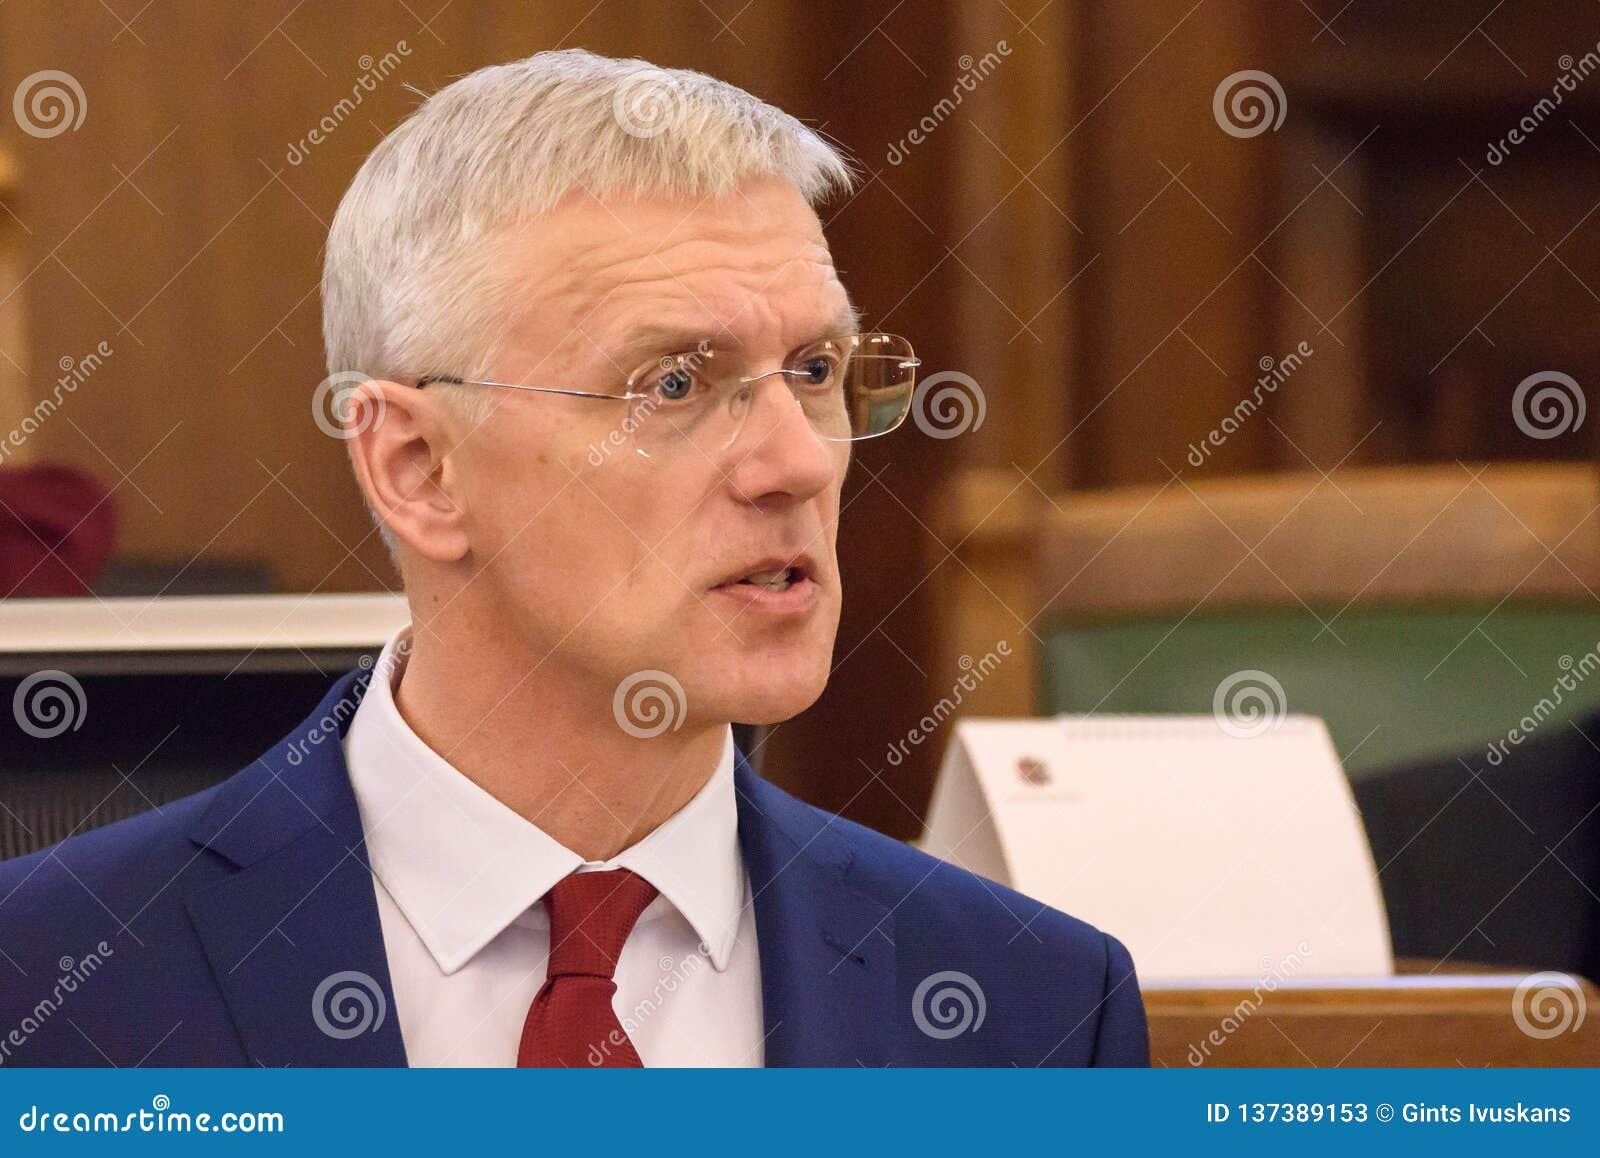 Arturs Krisjanis Karins, kandidaat voor Eerste minister van Letland tijdens stemming van nieuwe coalitie van regering van Letland